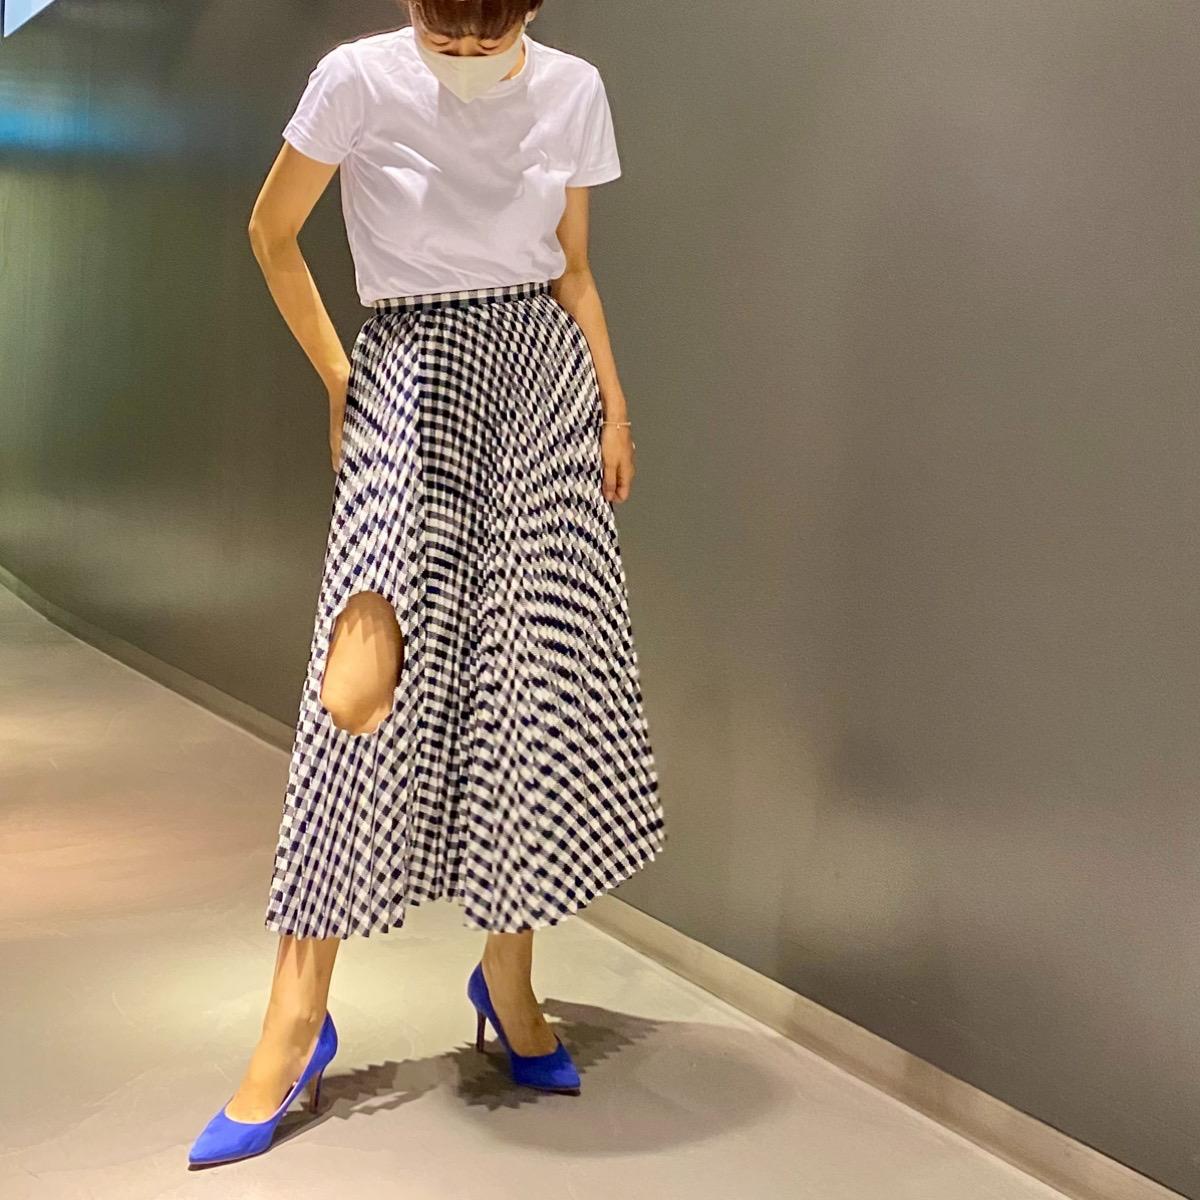 H&M TOGAコラボおすすめスカートコーデ